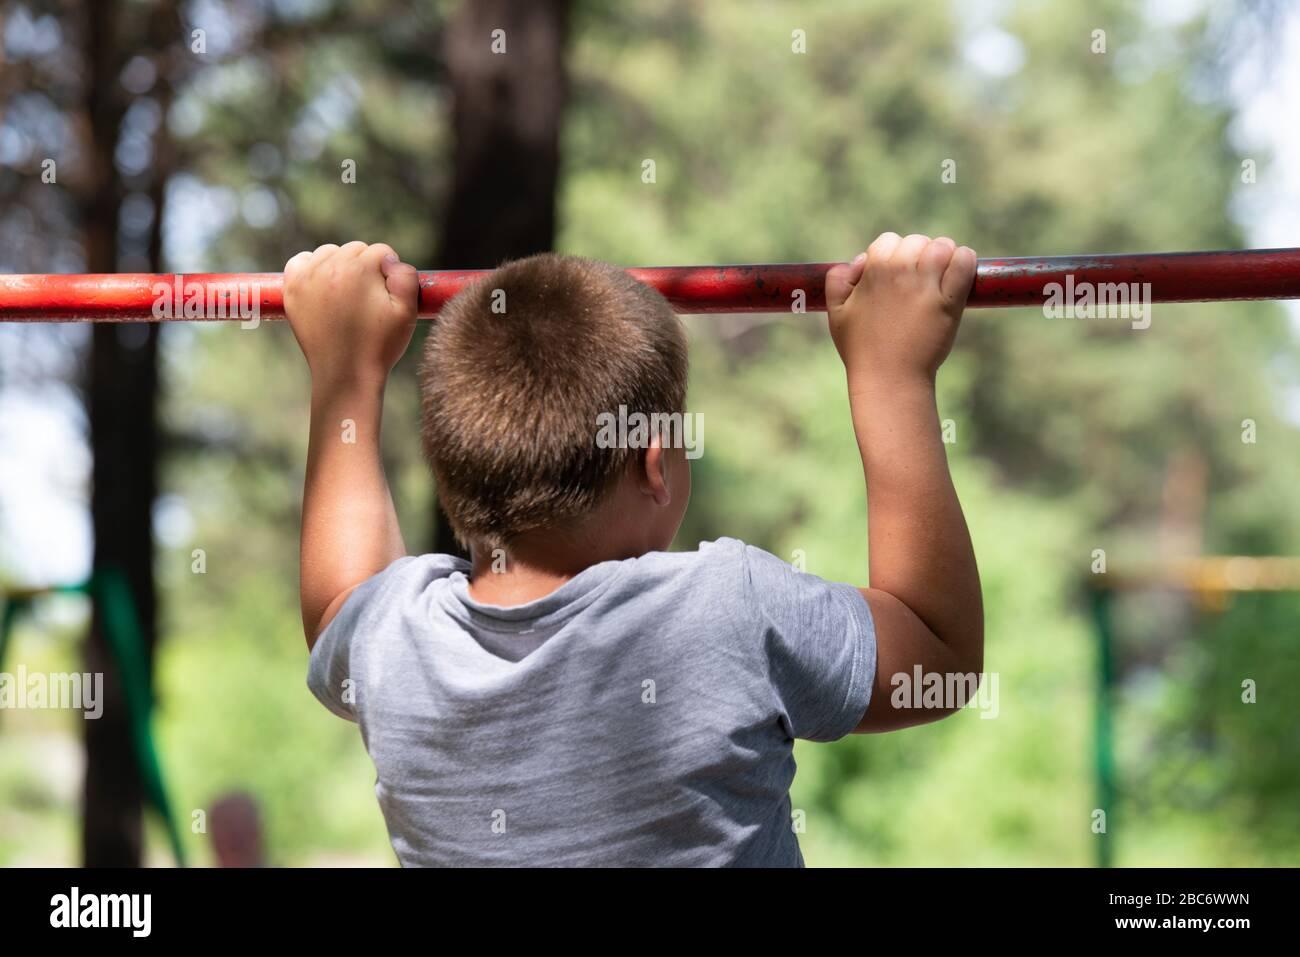 le garçon s'arrache sur la barre transversale Banque D'Images